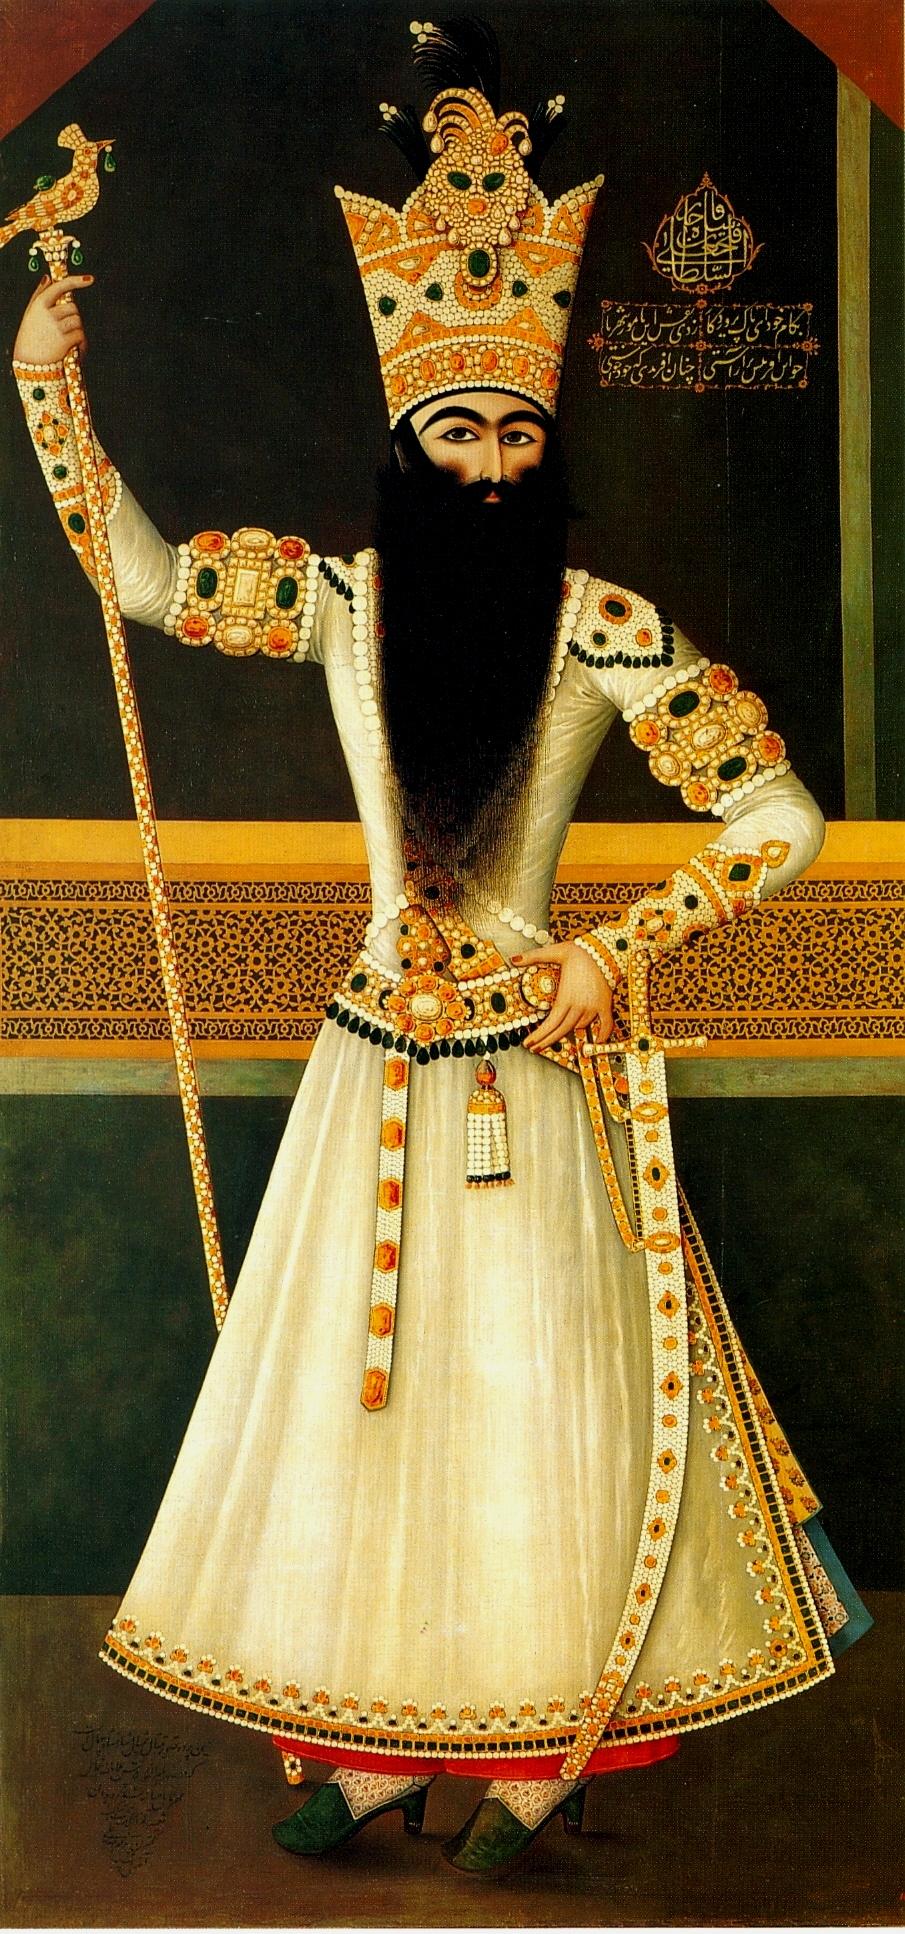 Feth Ali Şah Kaçar, Kaçar Hanedanı ikinci hükümdarı (ÖY-1834) tarihte bugün